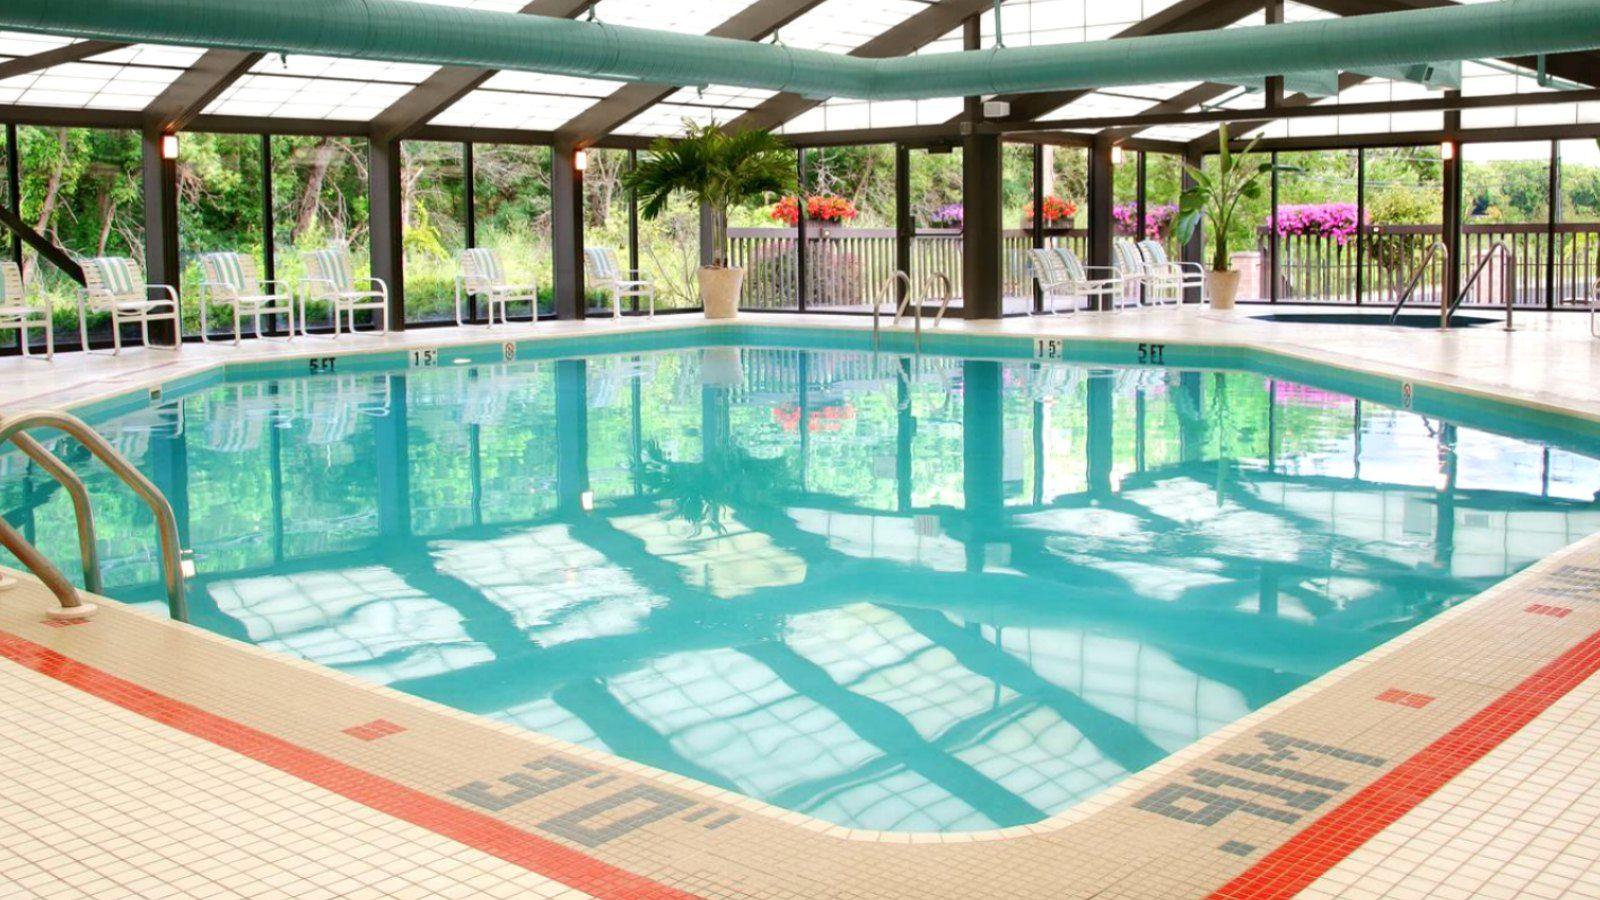 Sheraton Madison Hotel Photo Gallery Madison Hotel Hotel Indoor Pool